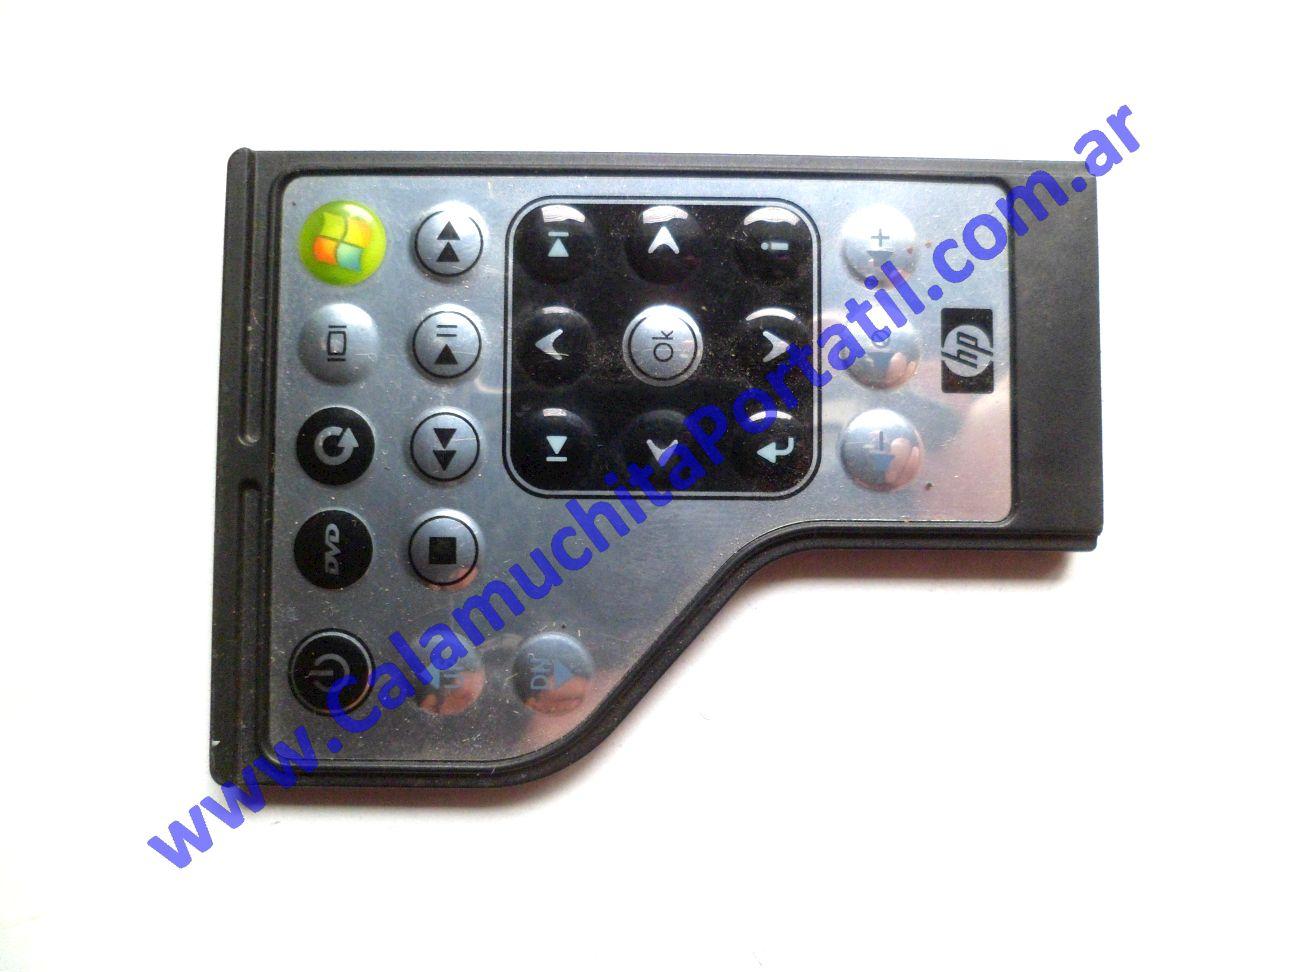 0536ACR Control Remoto Hewlett Packard Pavillion dv5-1004nr / FE765UA#ABA